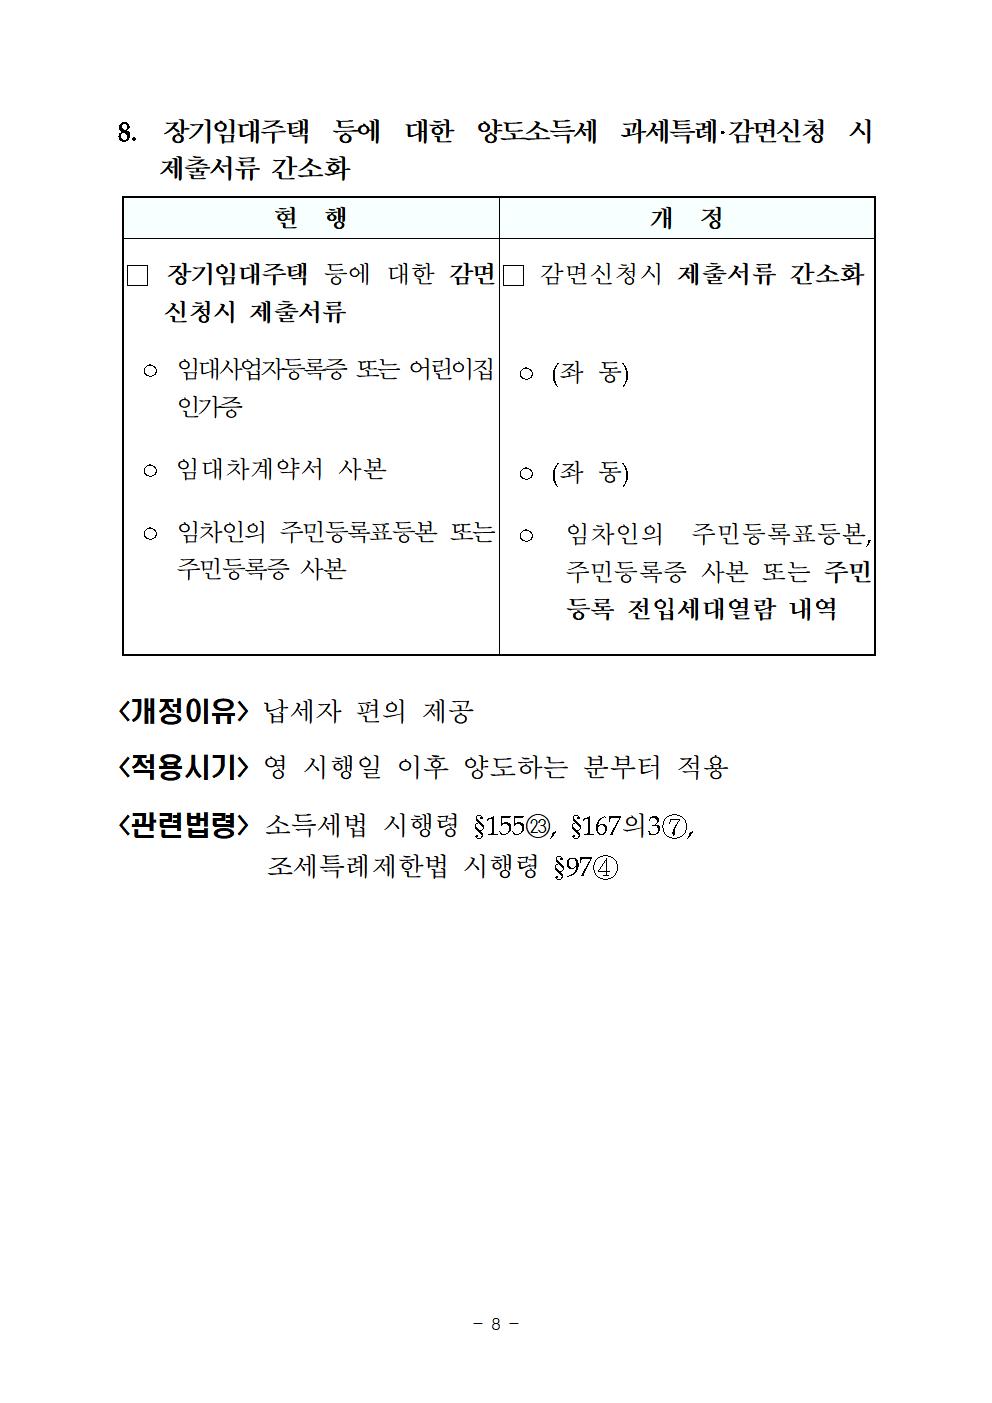 2019년세법개정내용(양도소득세분야)013.png